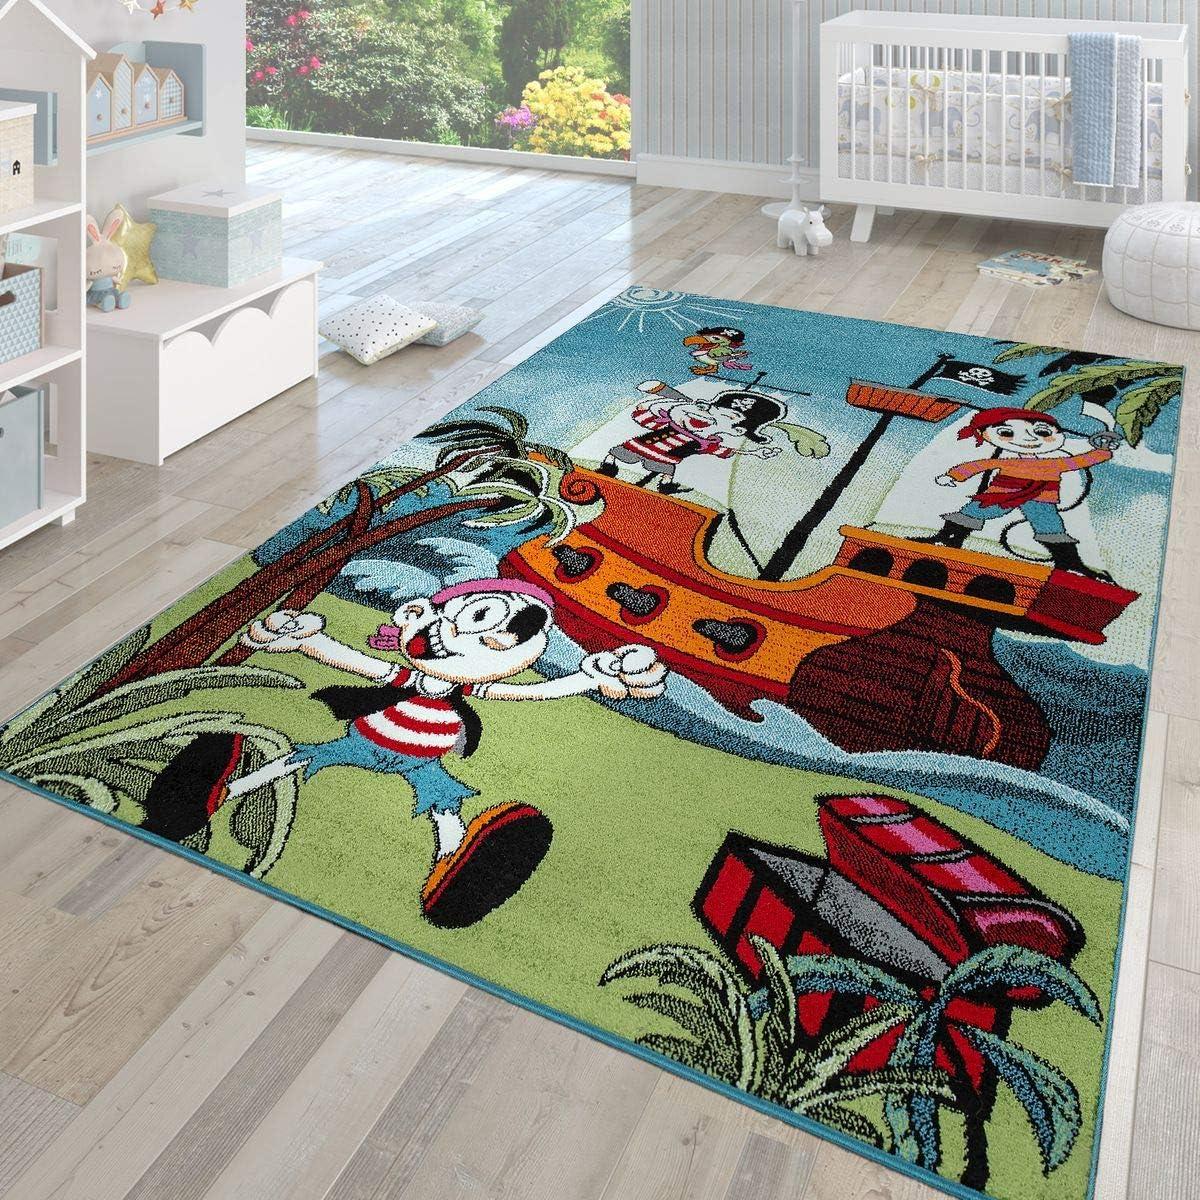 Tapis de Jeu pour Chambres denfants L/île au tr/ésor et Le Pirate Paco Home Tapis pour Enfants en Couleur Dimension:80x150 cm